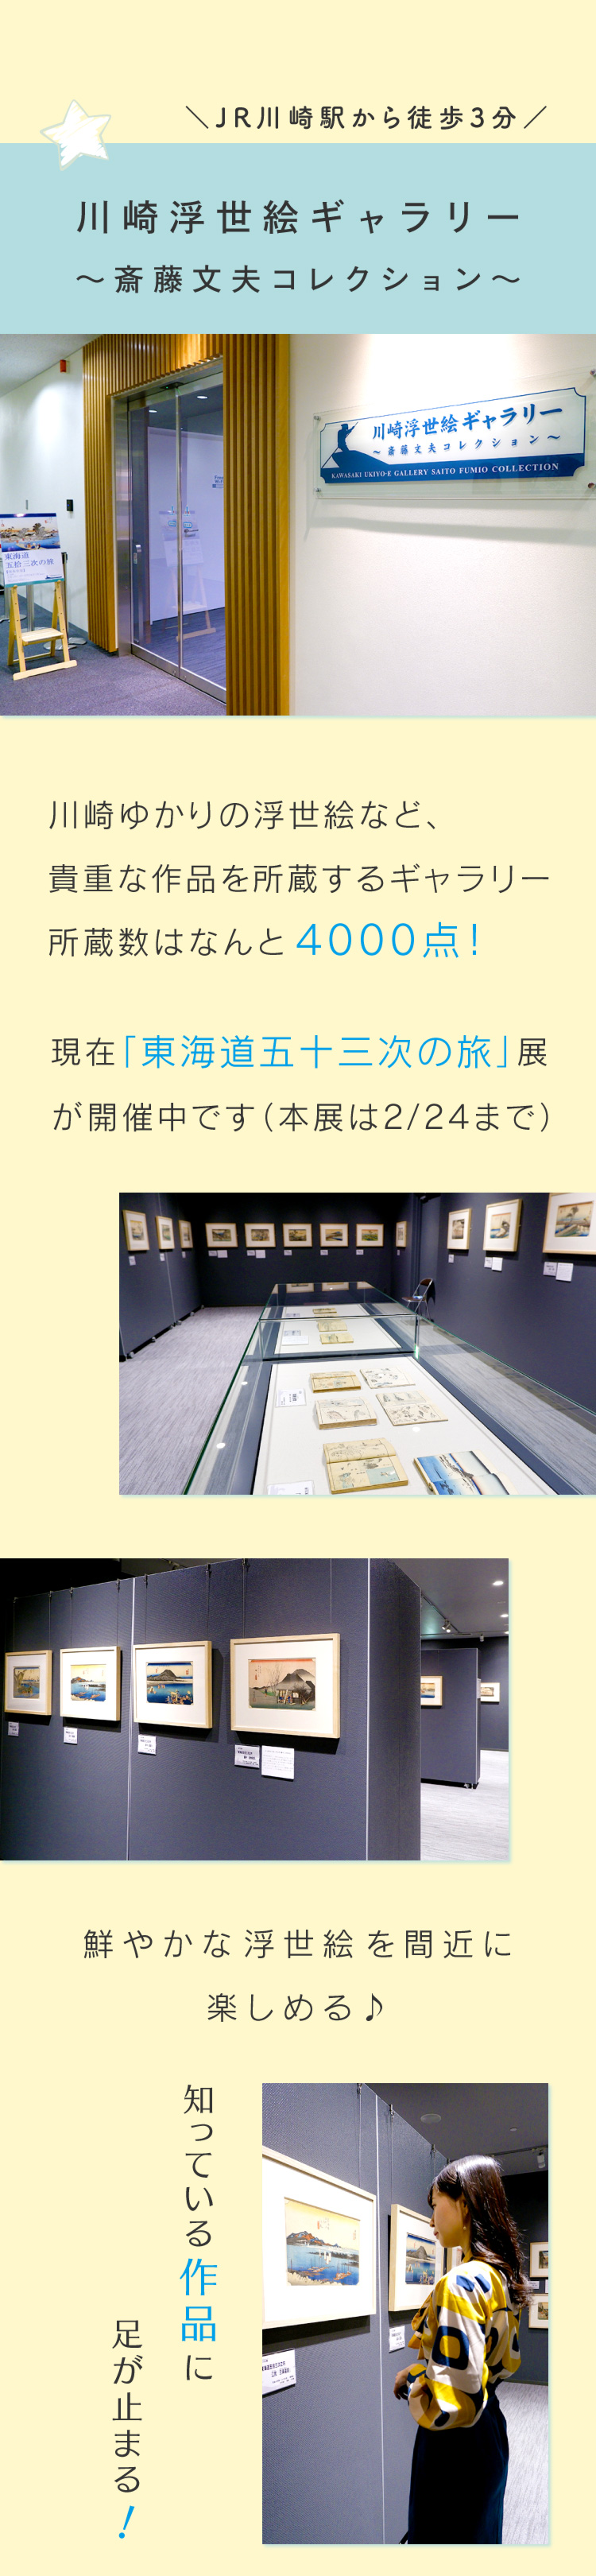 川崎浮世絵ギャラリー〜斎藤文夫コレクション〜川崎ゆかりの浮世絵など焼く4000点を所蔵!鮮やかな浮世絵を身近に楽しめます♪